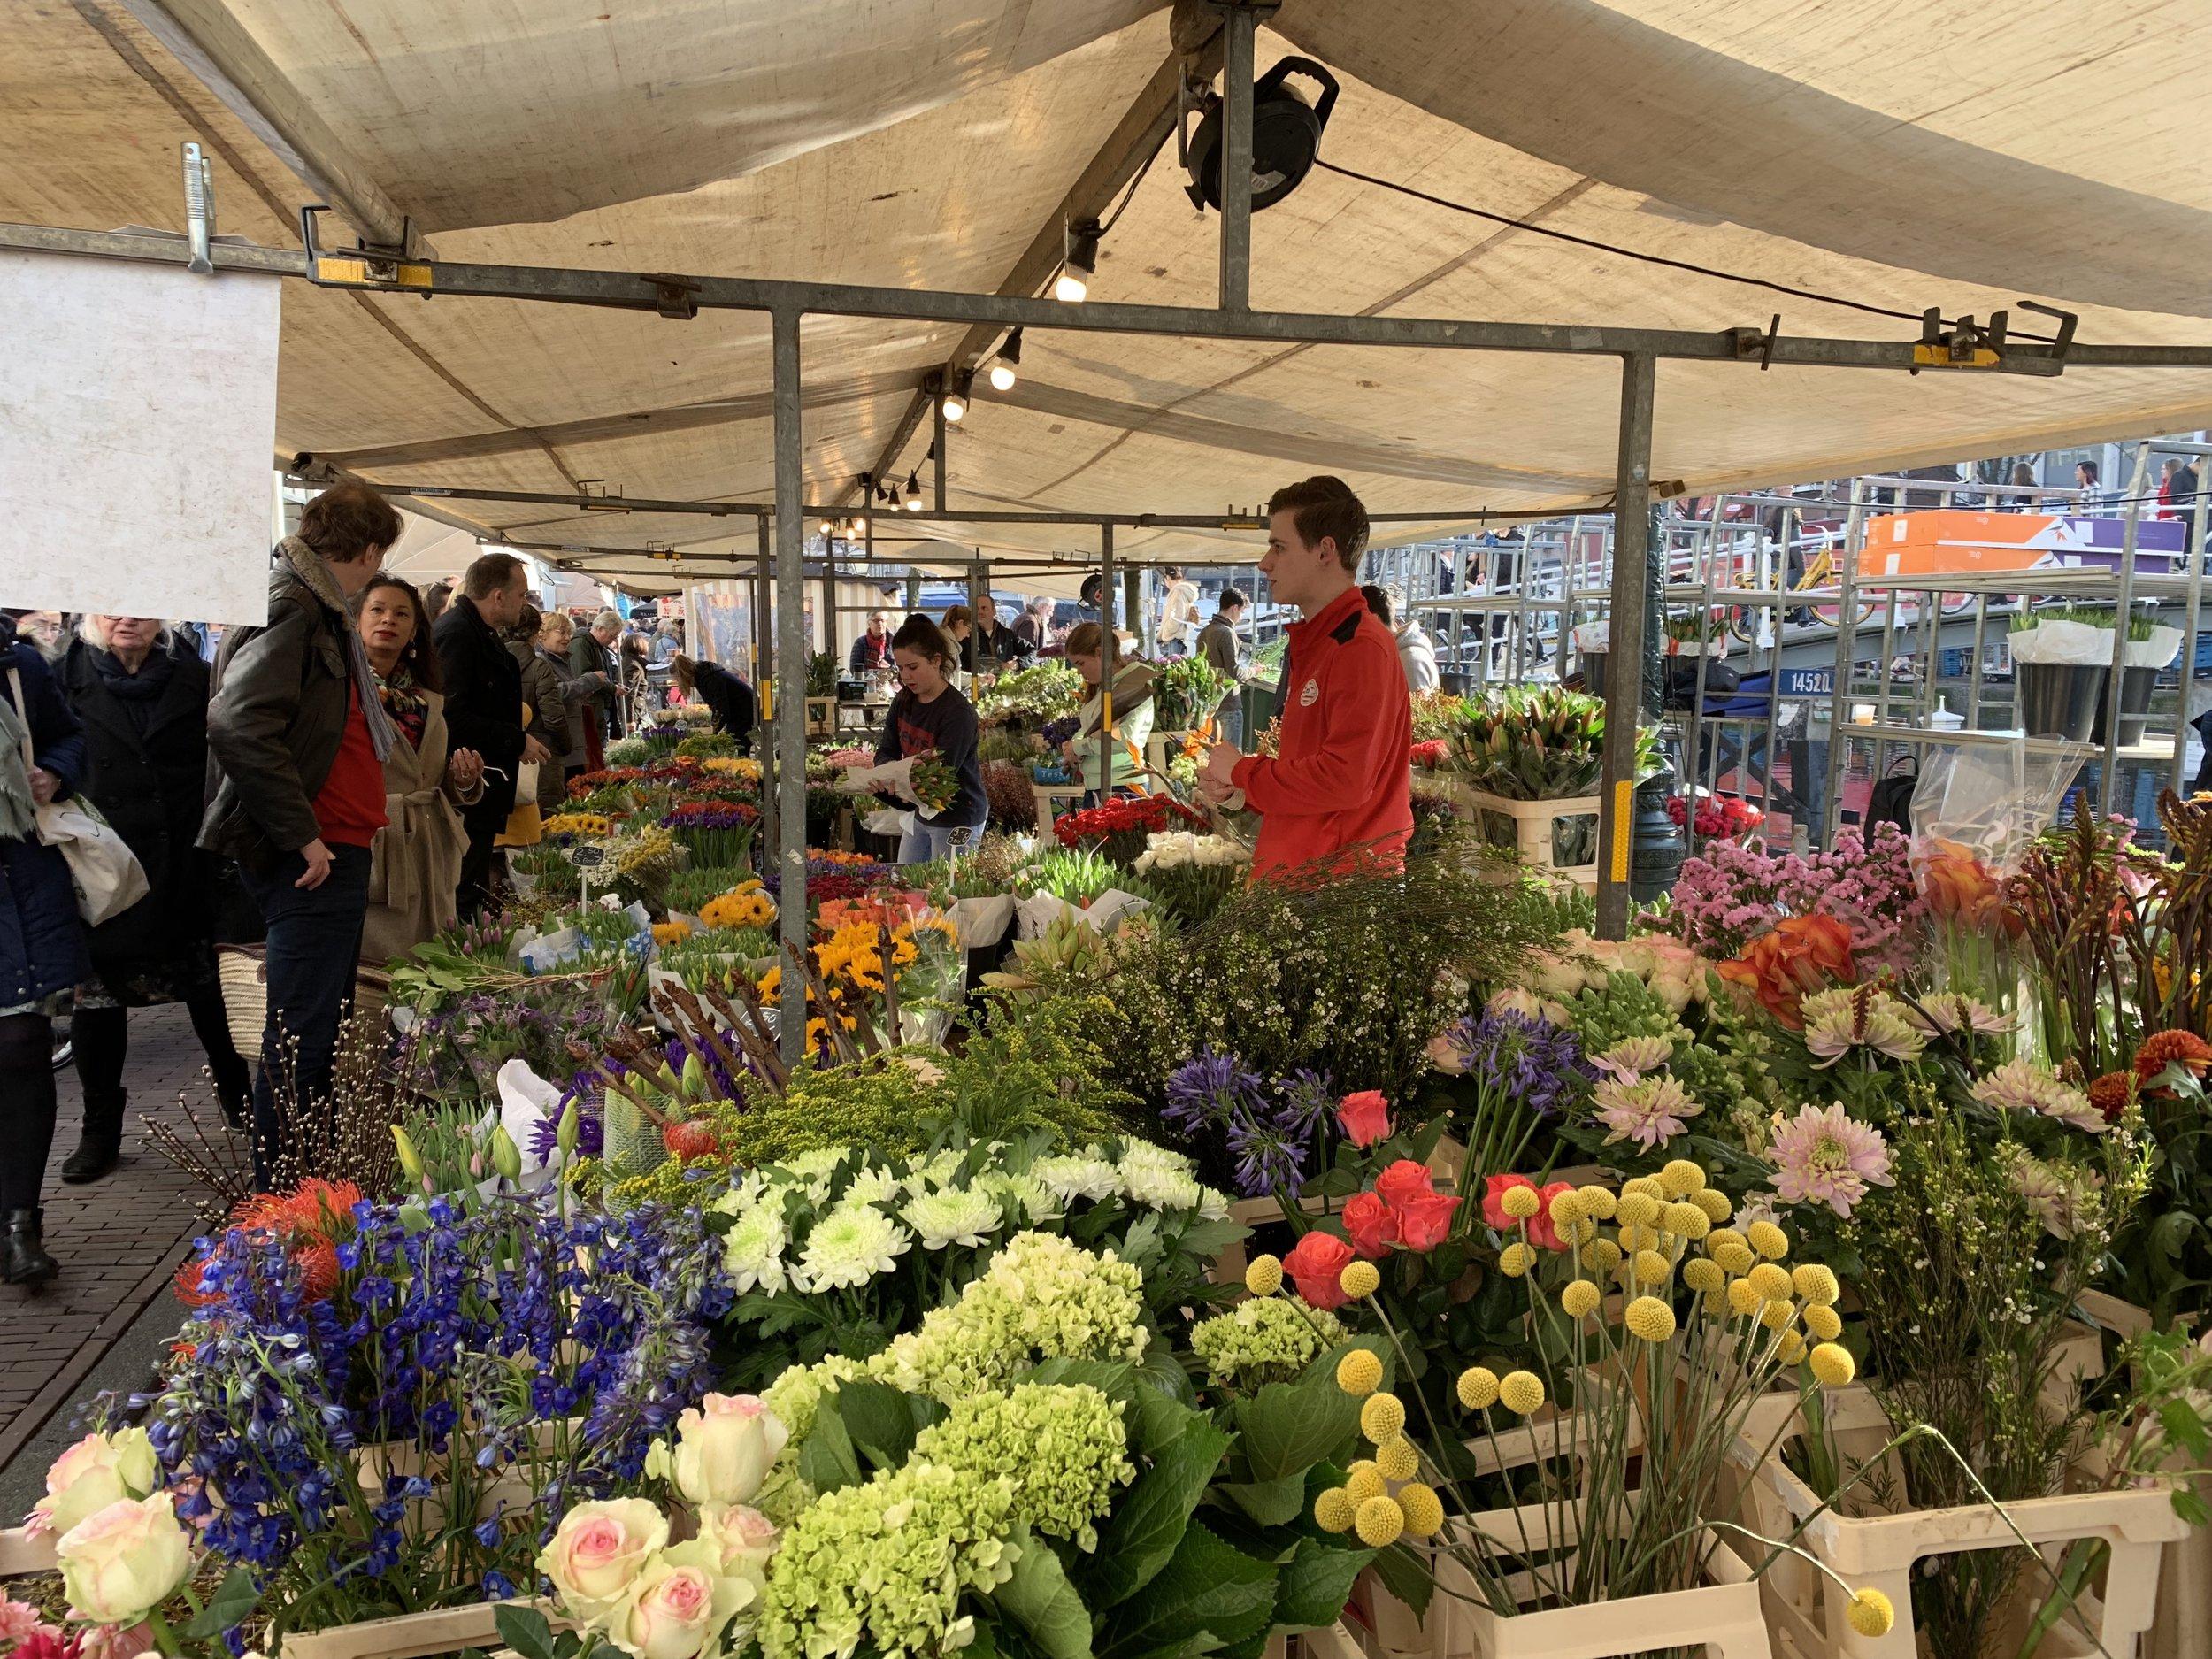 Fresh flower markets overflow in the weekend markets. It's tulip season after all!